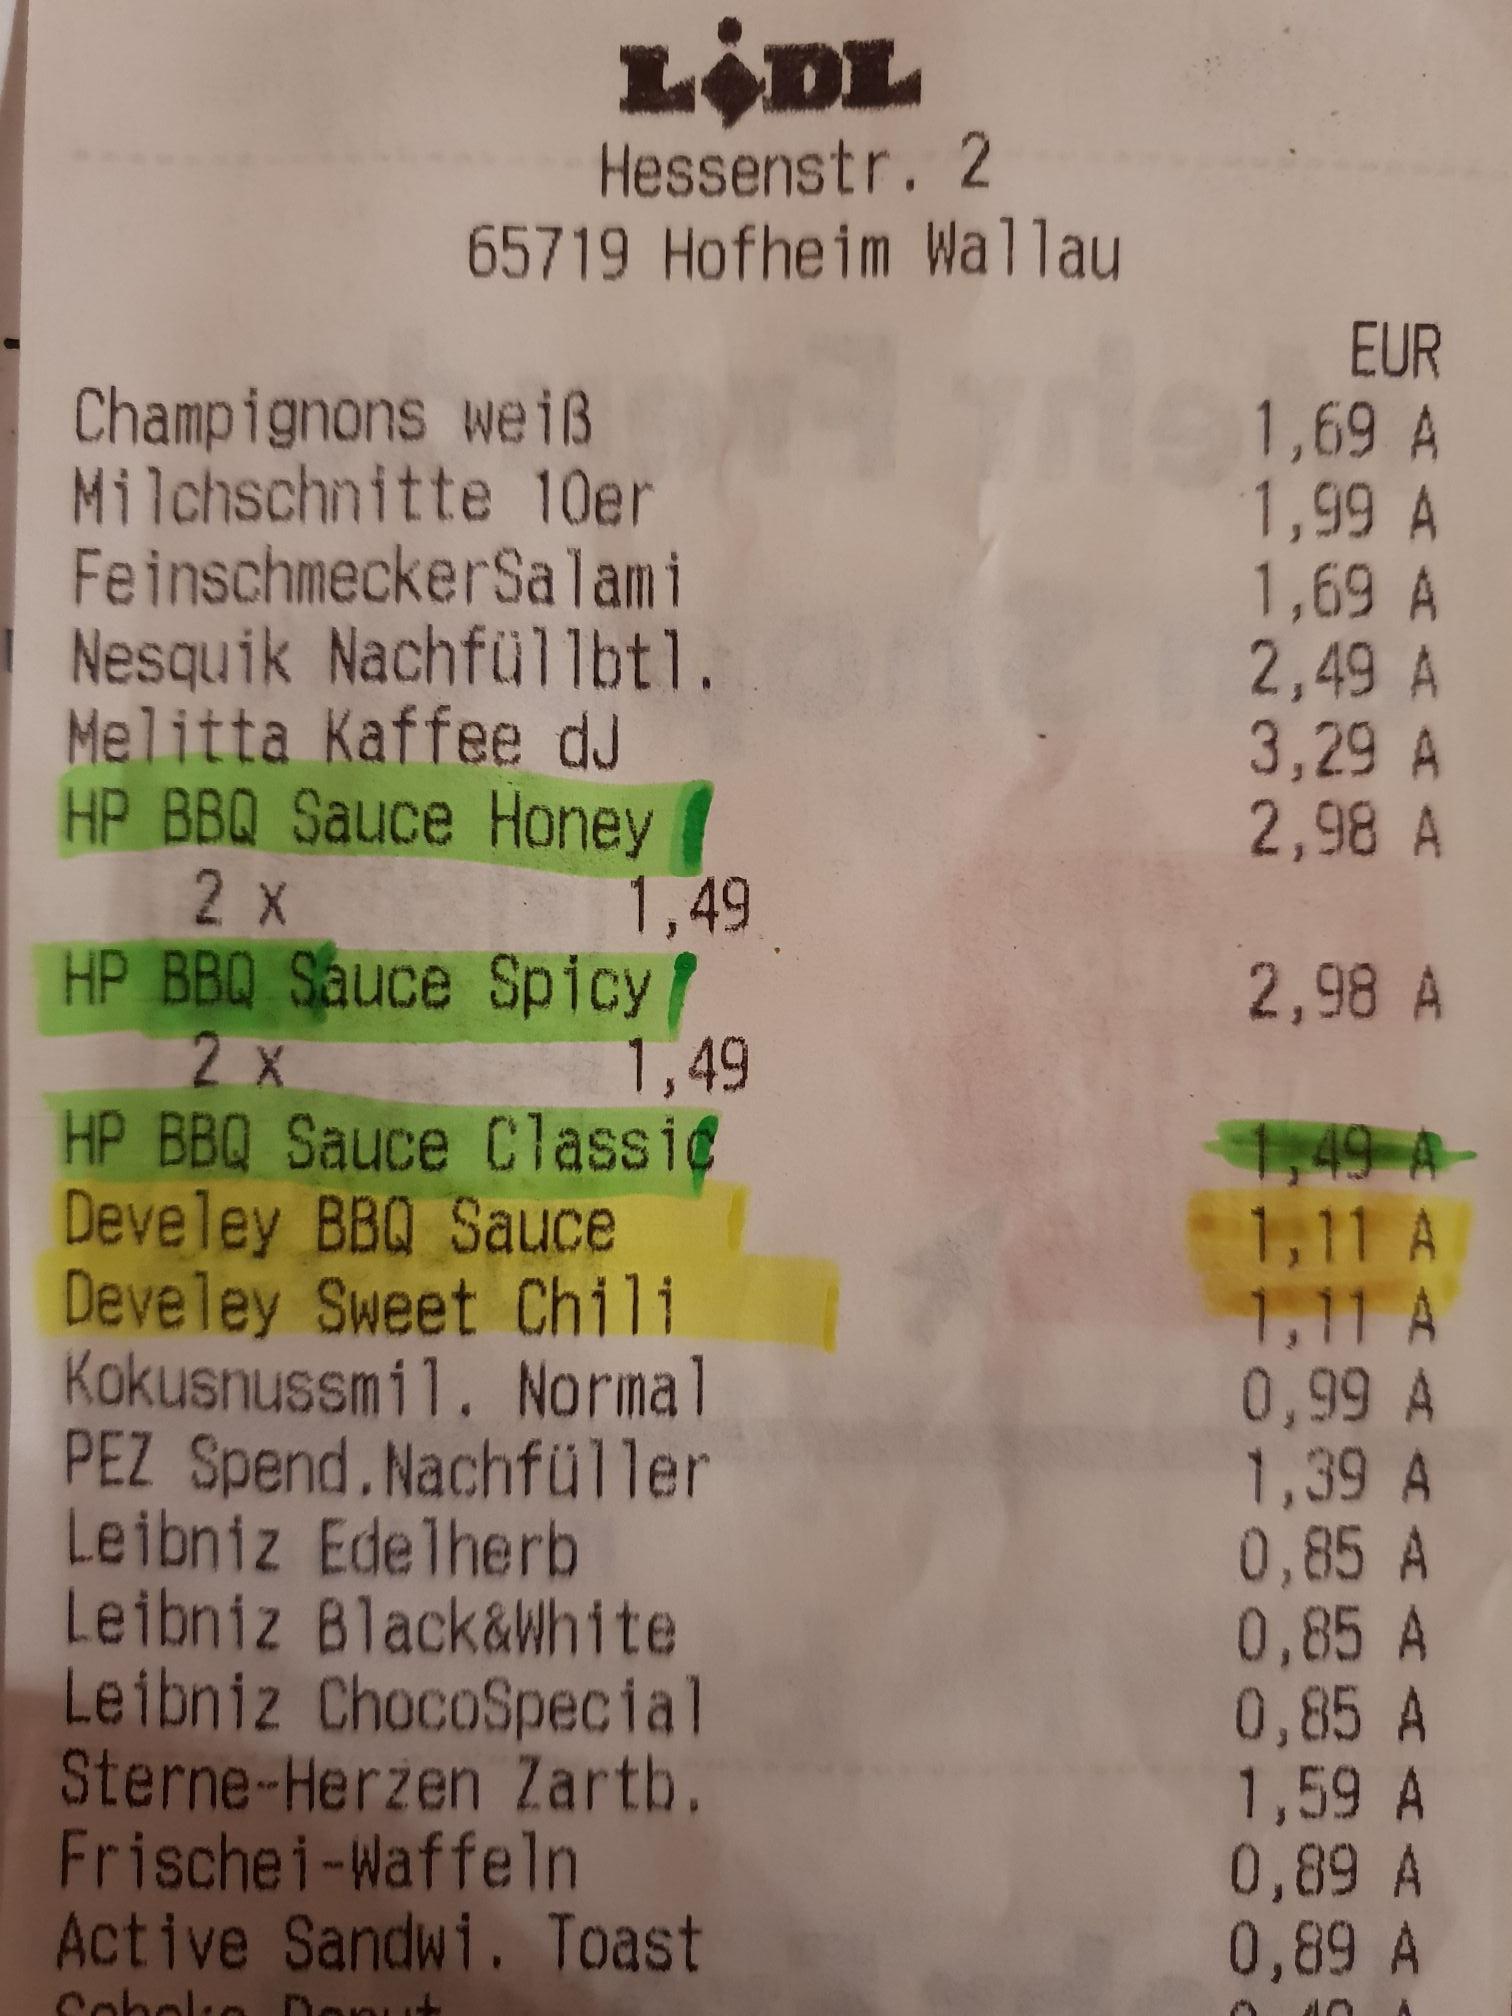 [Lidl] HP BBQ Sauces für nur 1,99 Euro